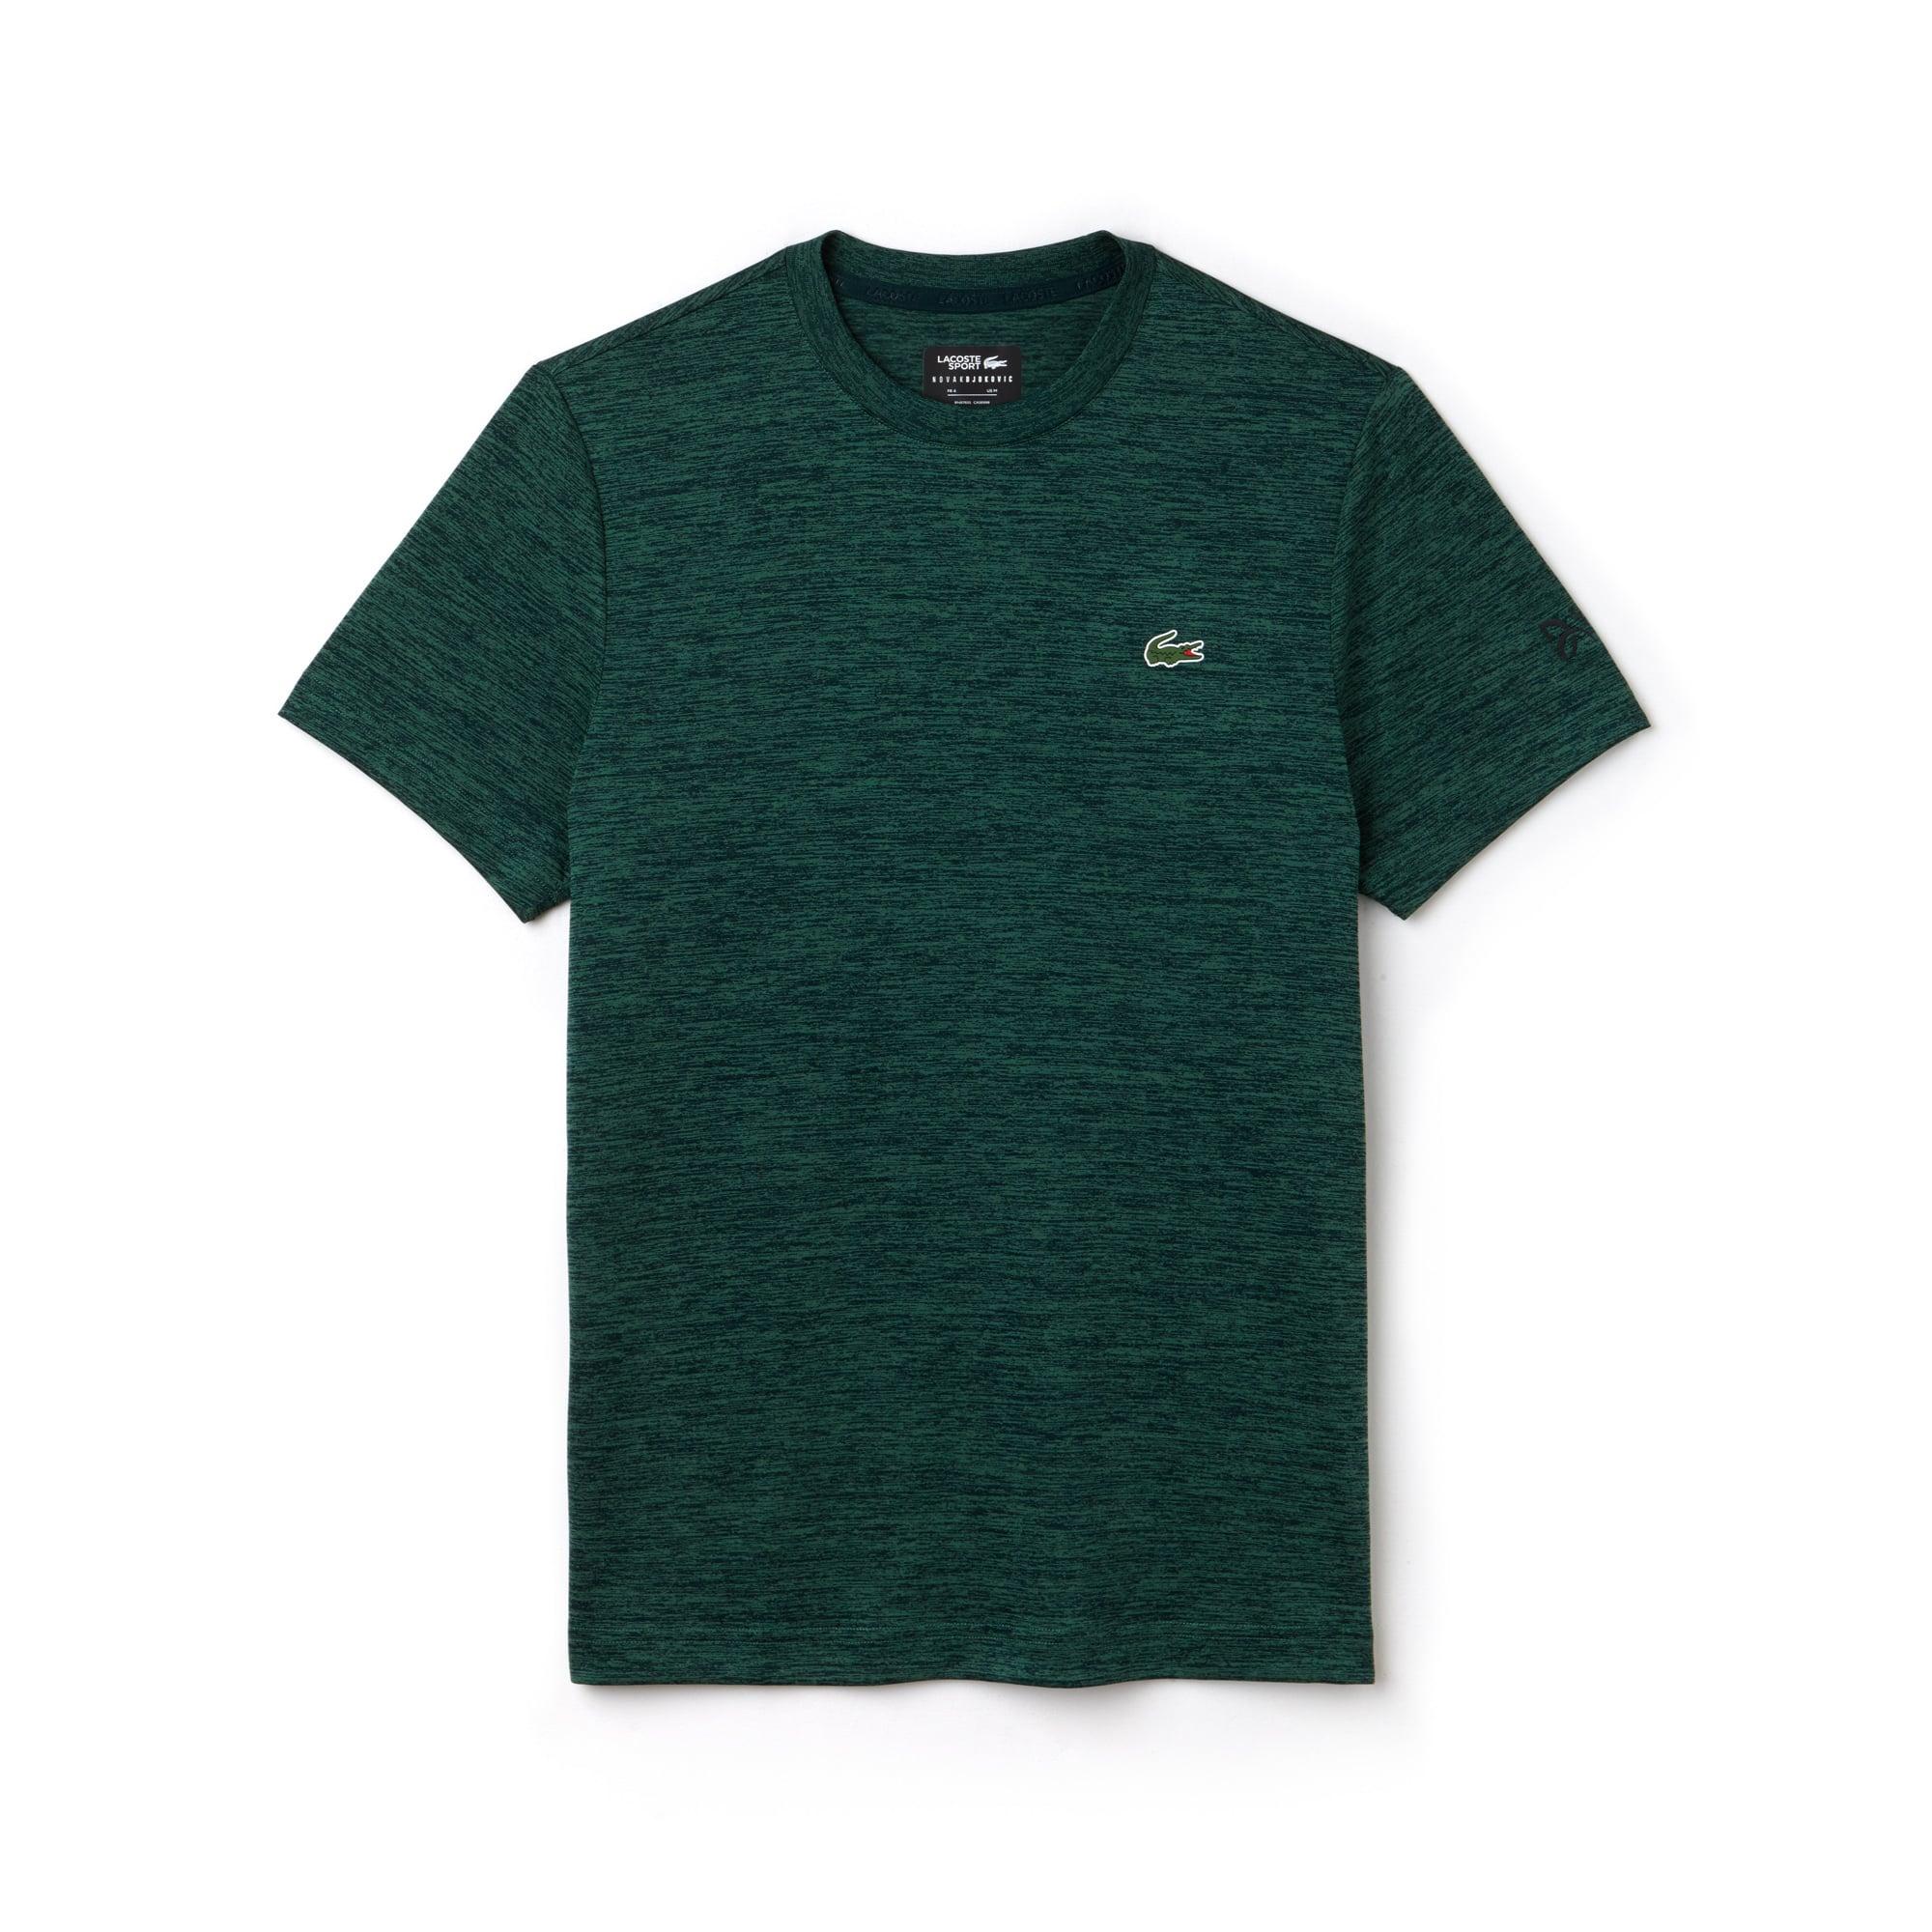 Lacoste SPORT Tennis-T-shirt Heren Technische Jersey en Mesh met Ronde Hals